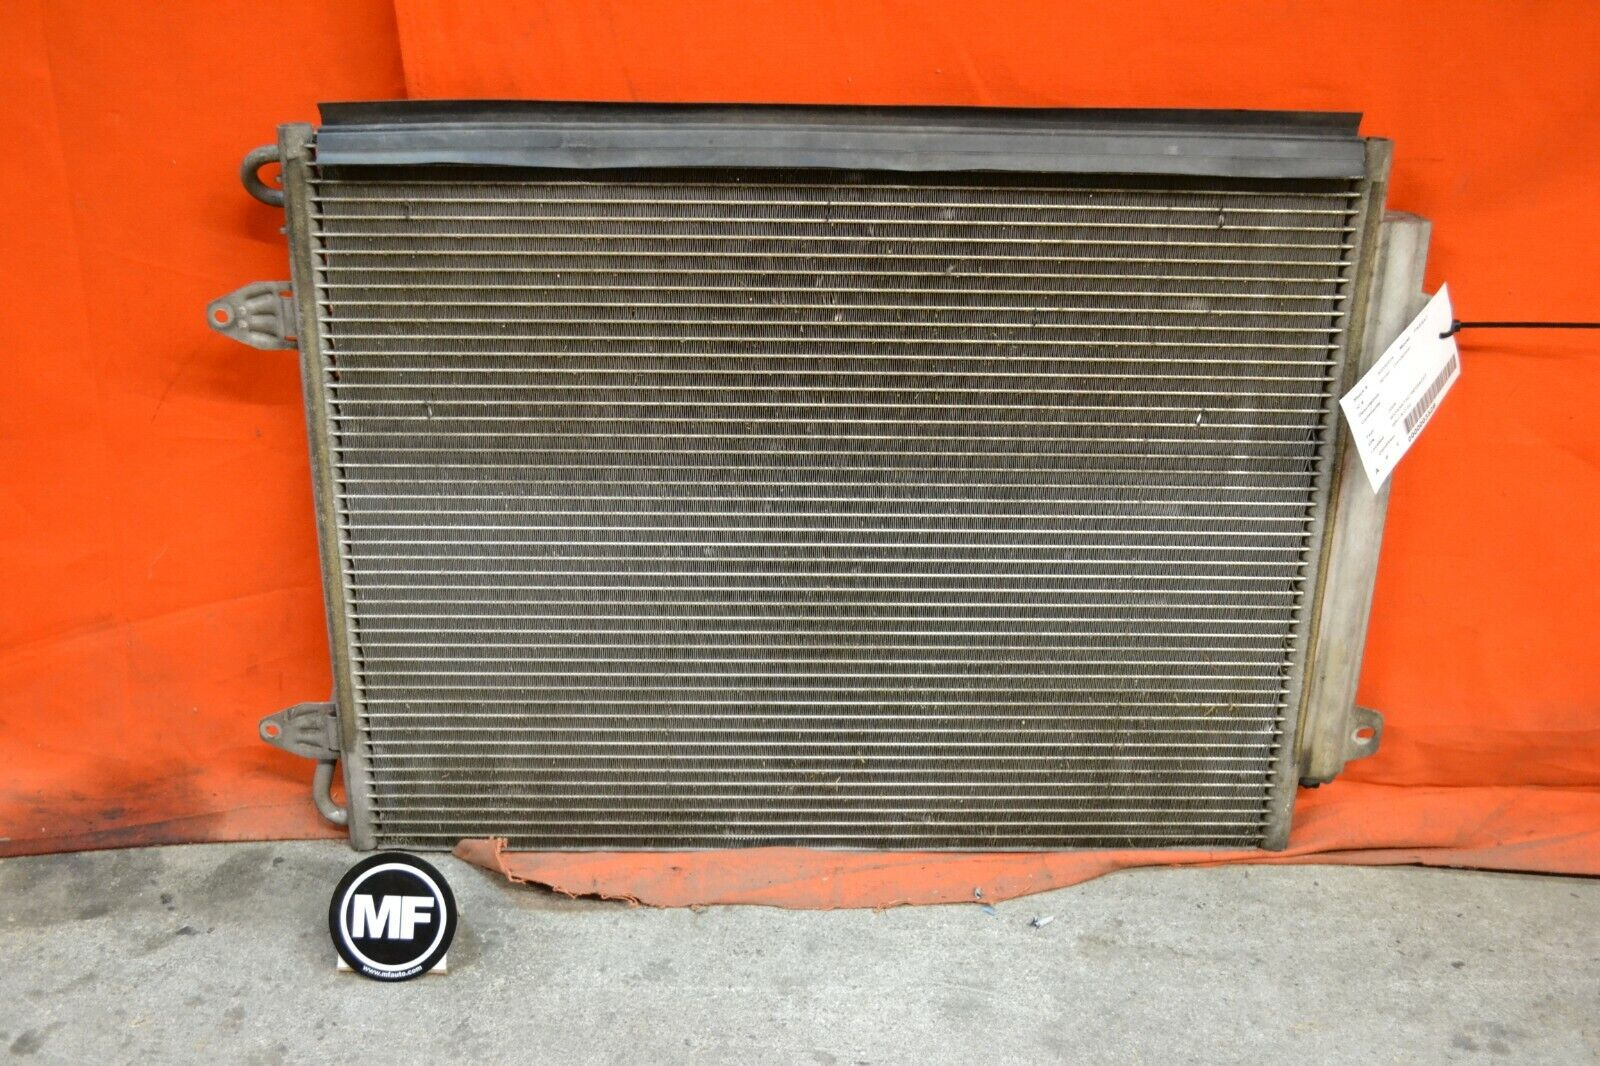 VW B6 PASSAT AC Condenser 3C0 820 411F